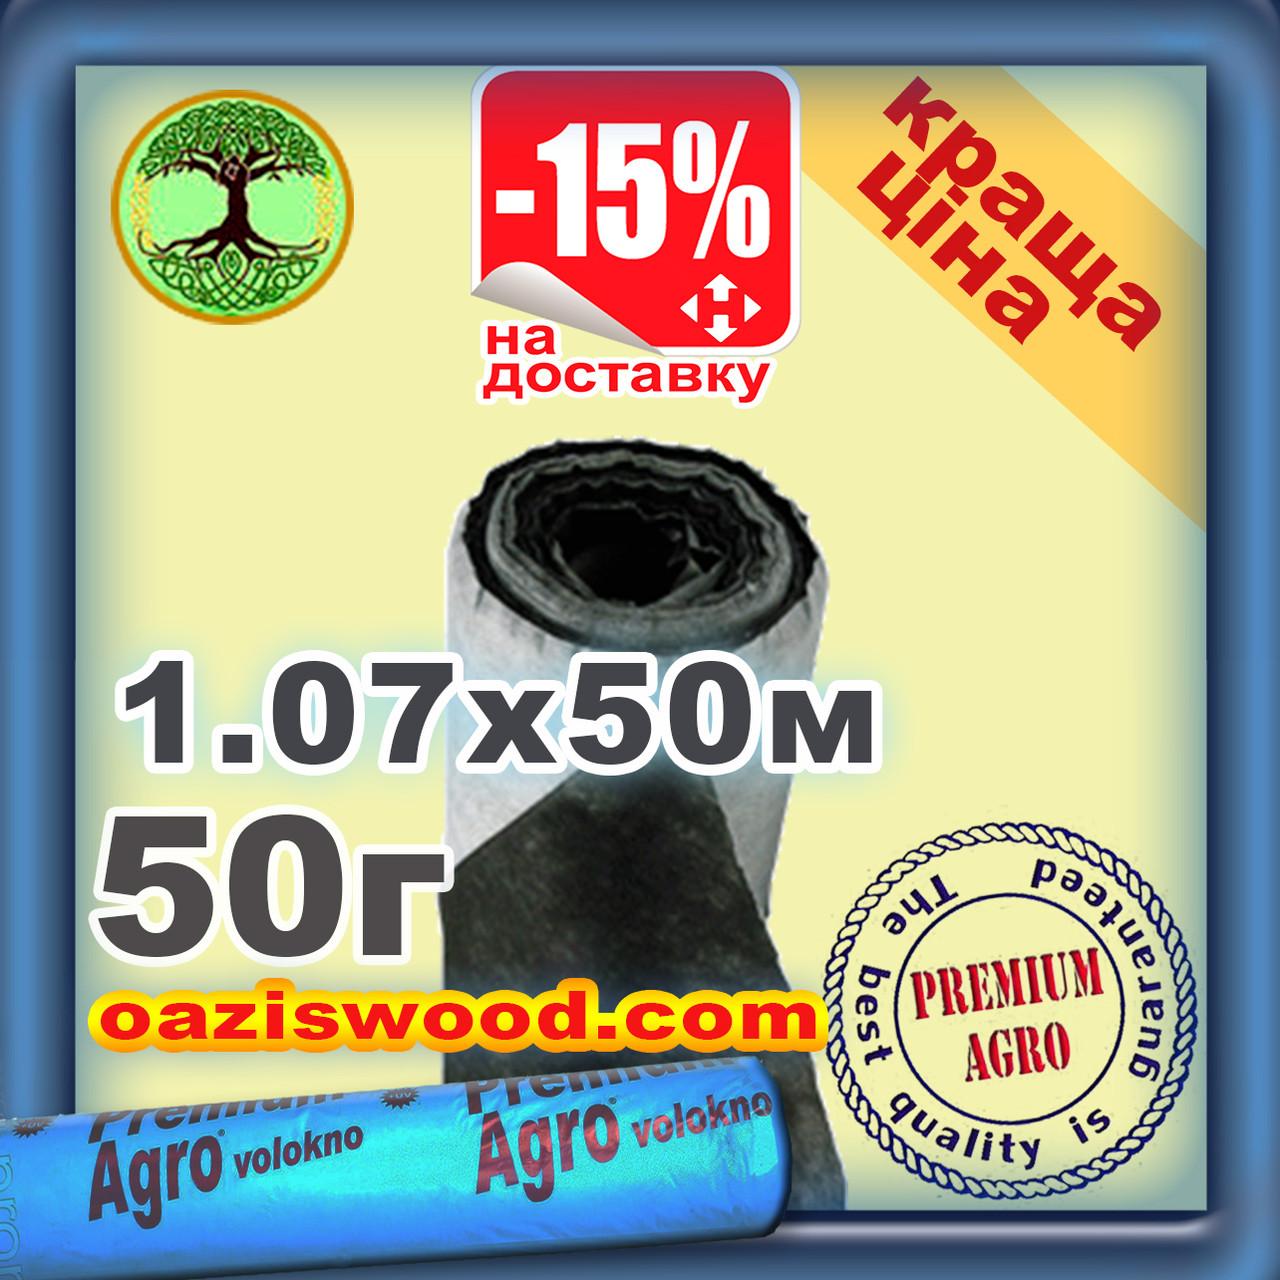 Агроволокно p-50g 1.07*50м черно-белое UV-P 4.5% Premium-Agro Польша